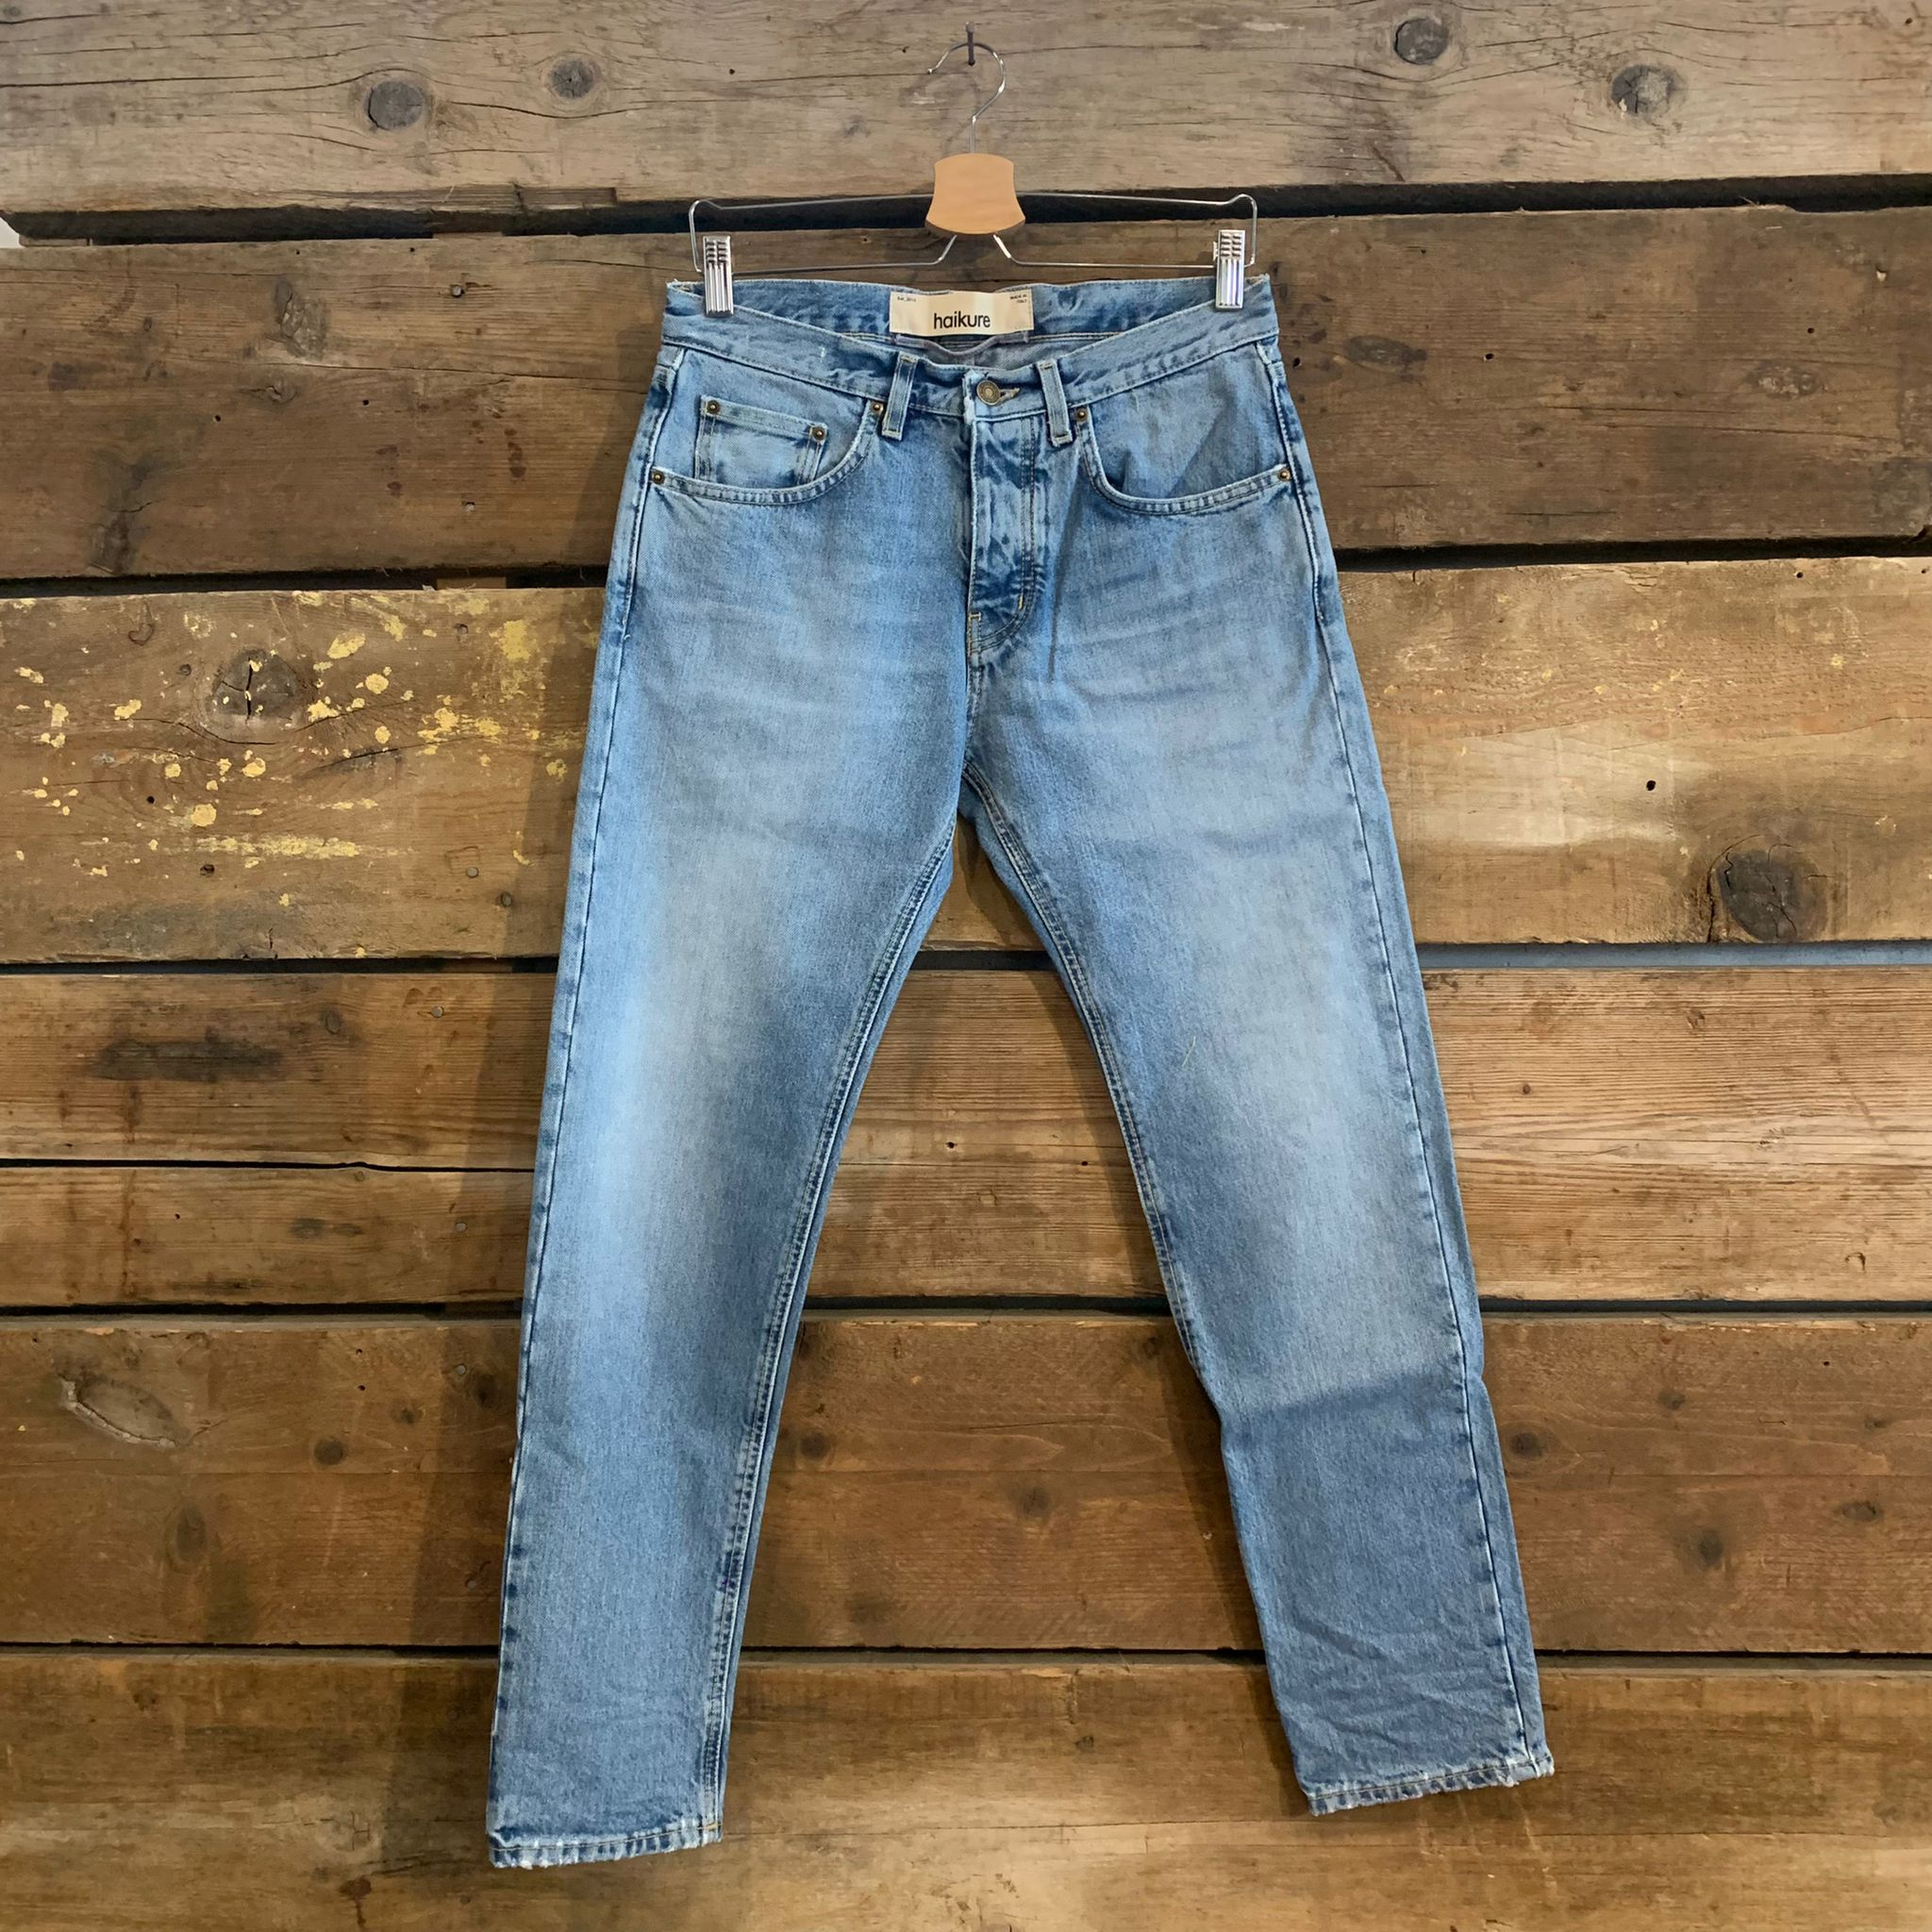 Jeans Haikure Uomo Tokyo Slim Crop Old Blue Denim Epoch Light